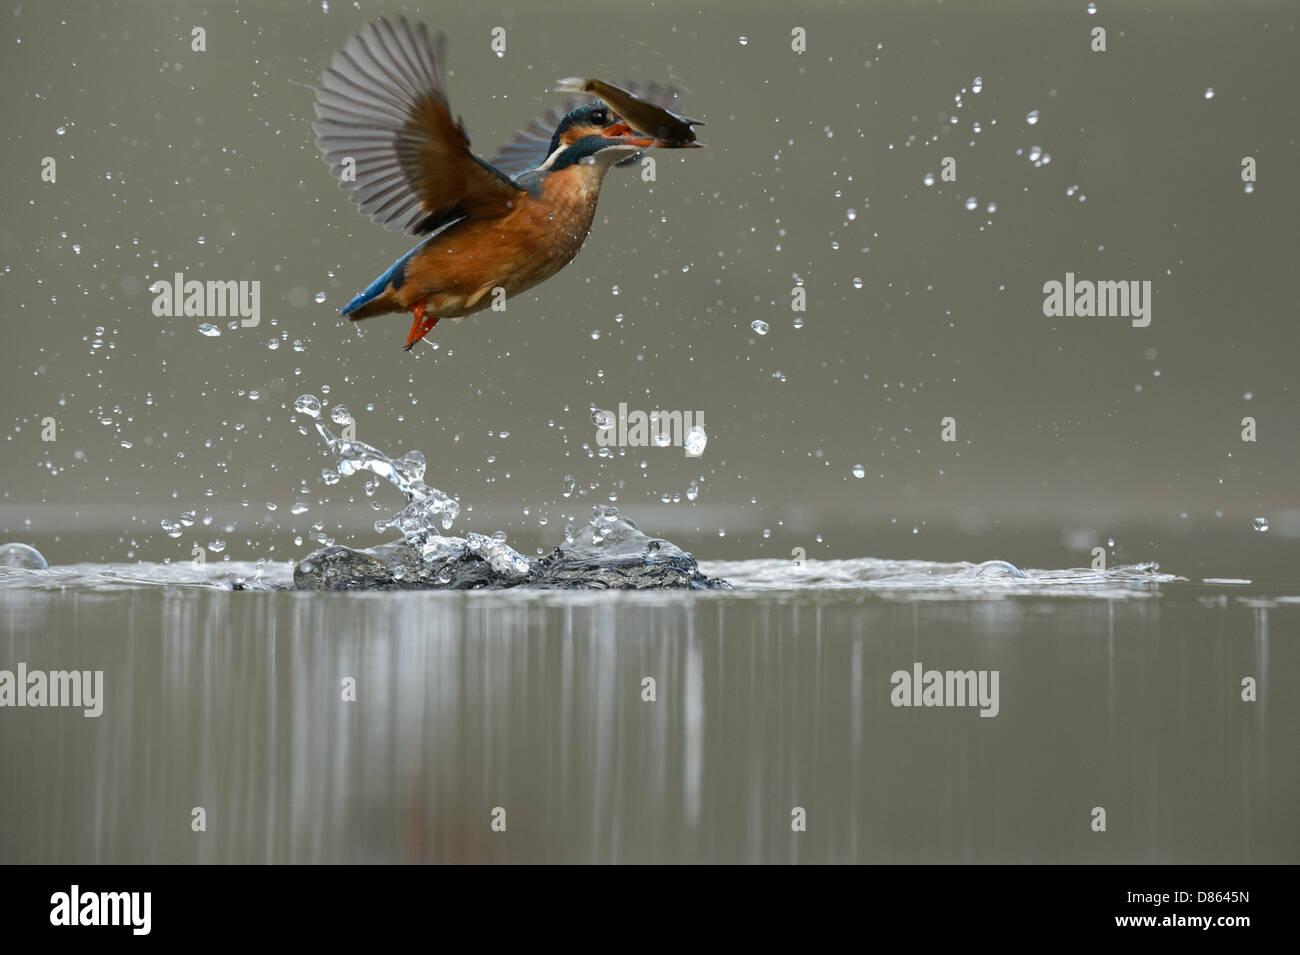 Fliegenden Eisvogel entstehen nach einem Tauchgang Stockbild